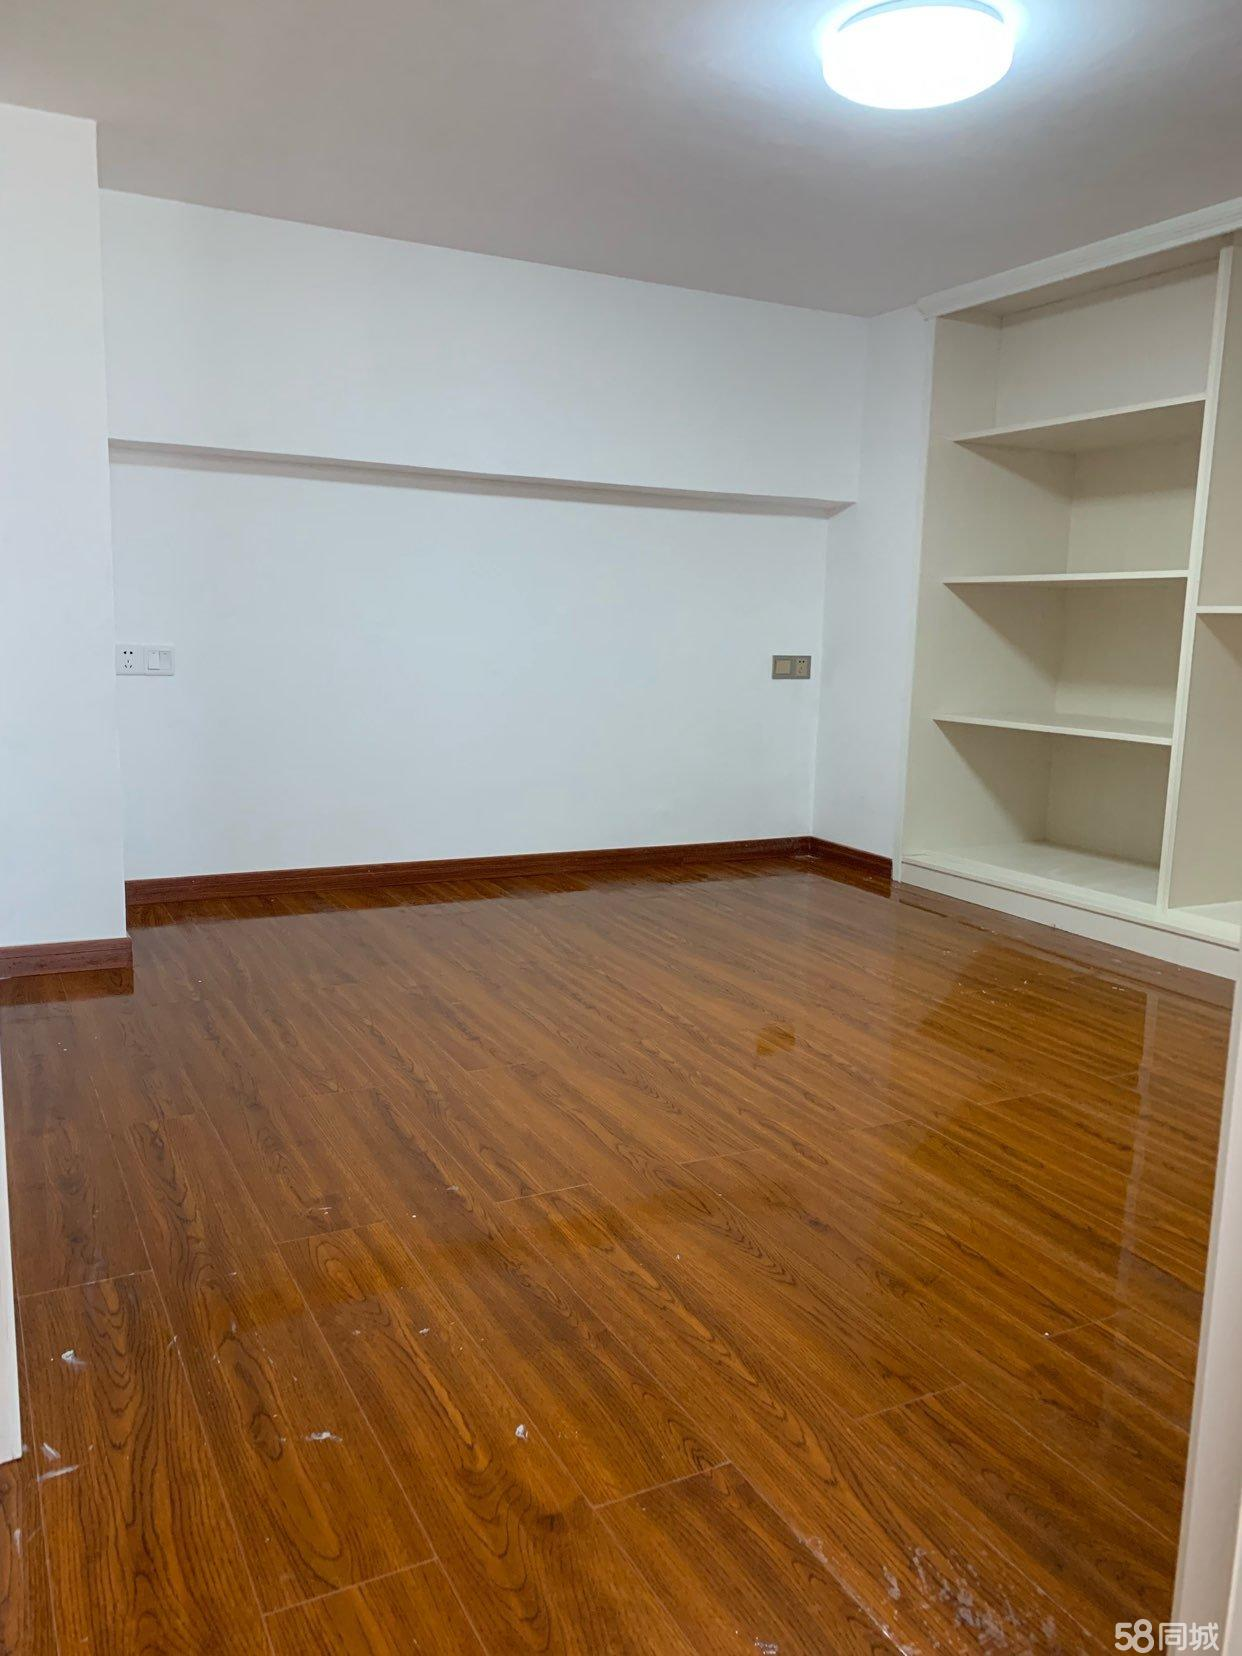 特价房西部商业中心单身公寓2室1厅1卫56平米复式有税